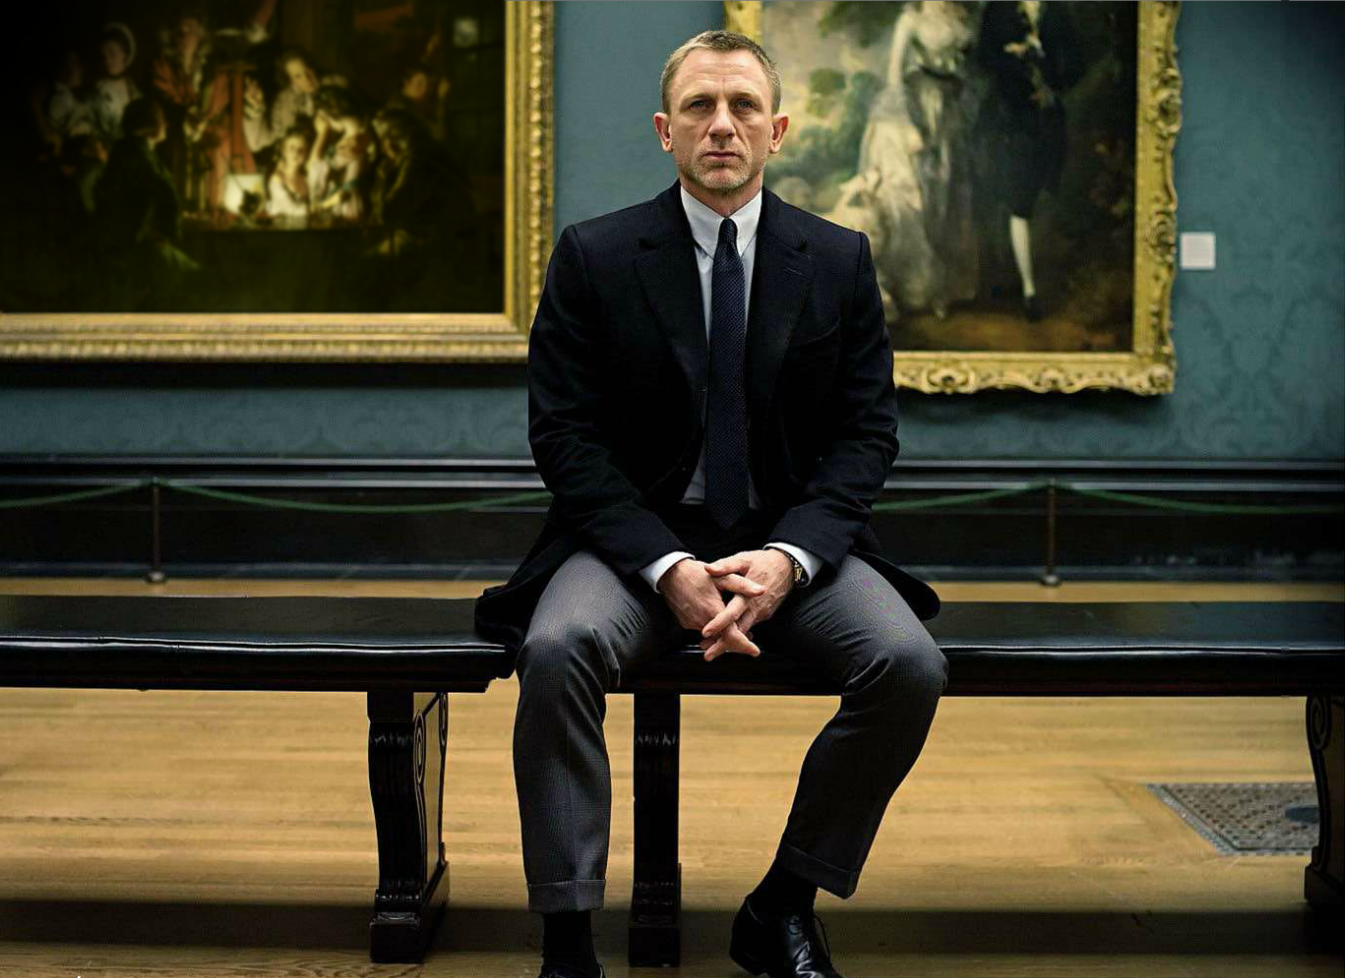 007 - Operação Skyfall © 2012 Danjaq, LLC, United Artists Corporation, Columbia Pictures Industries, Inc. Todos os Direitos Reservados.